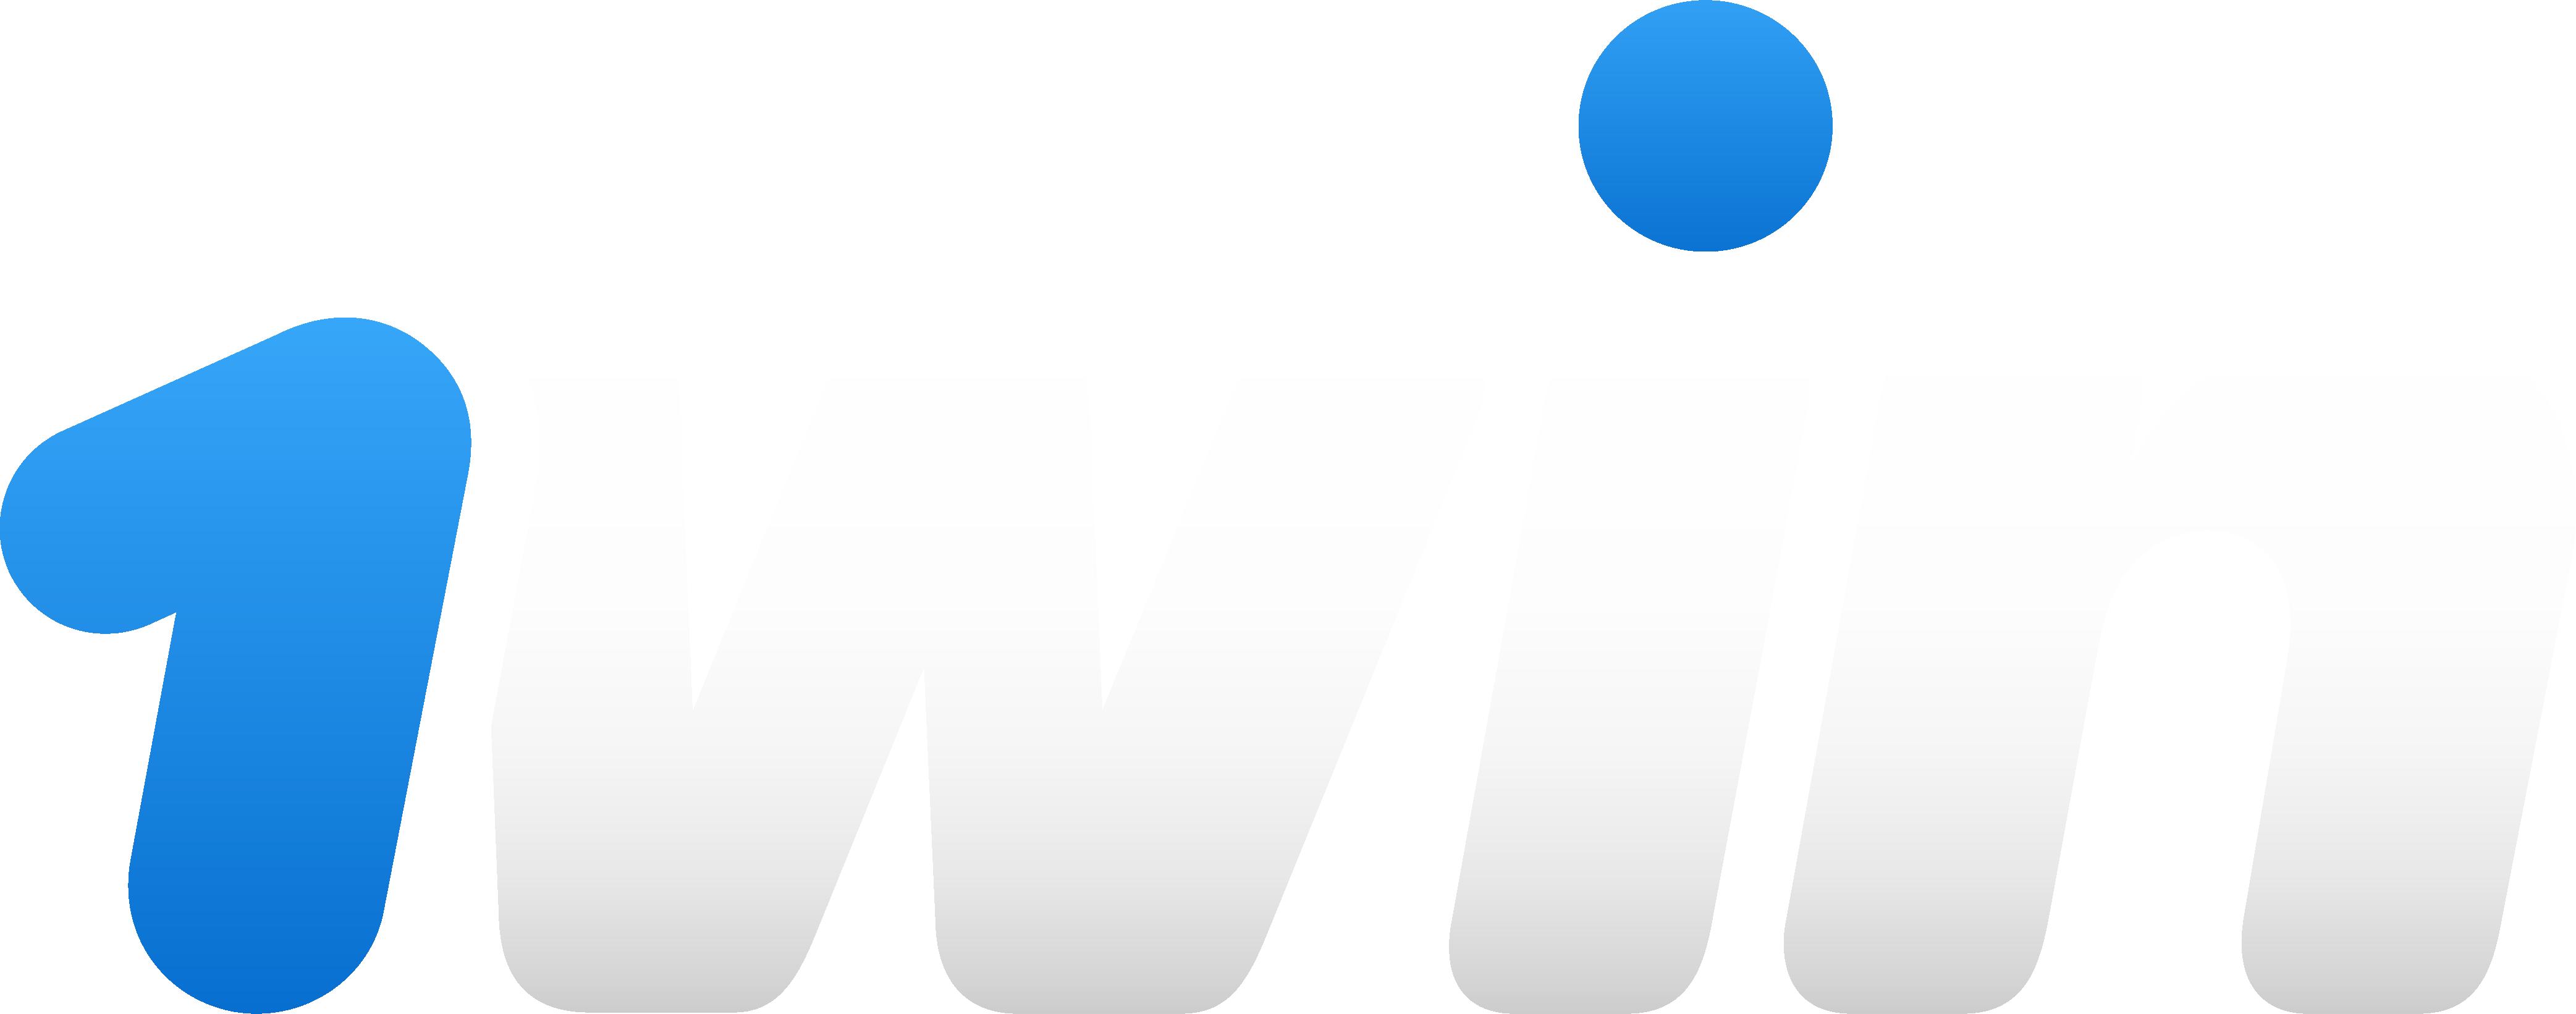 1win андроид: где скачать беслпатно, как установить мобильное приложение 1win на андроид, функционал софта букмекерской конторы